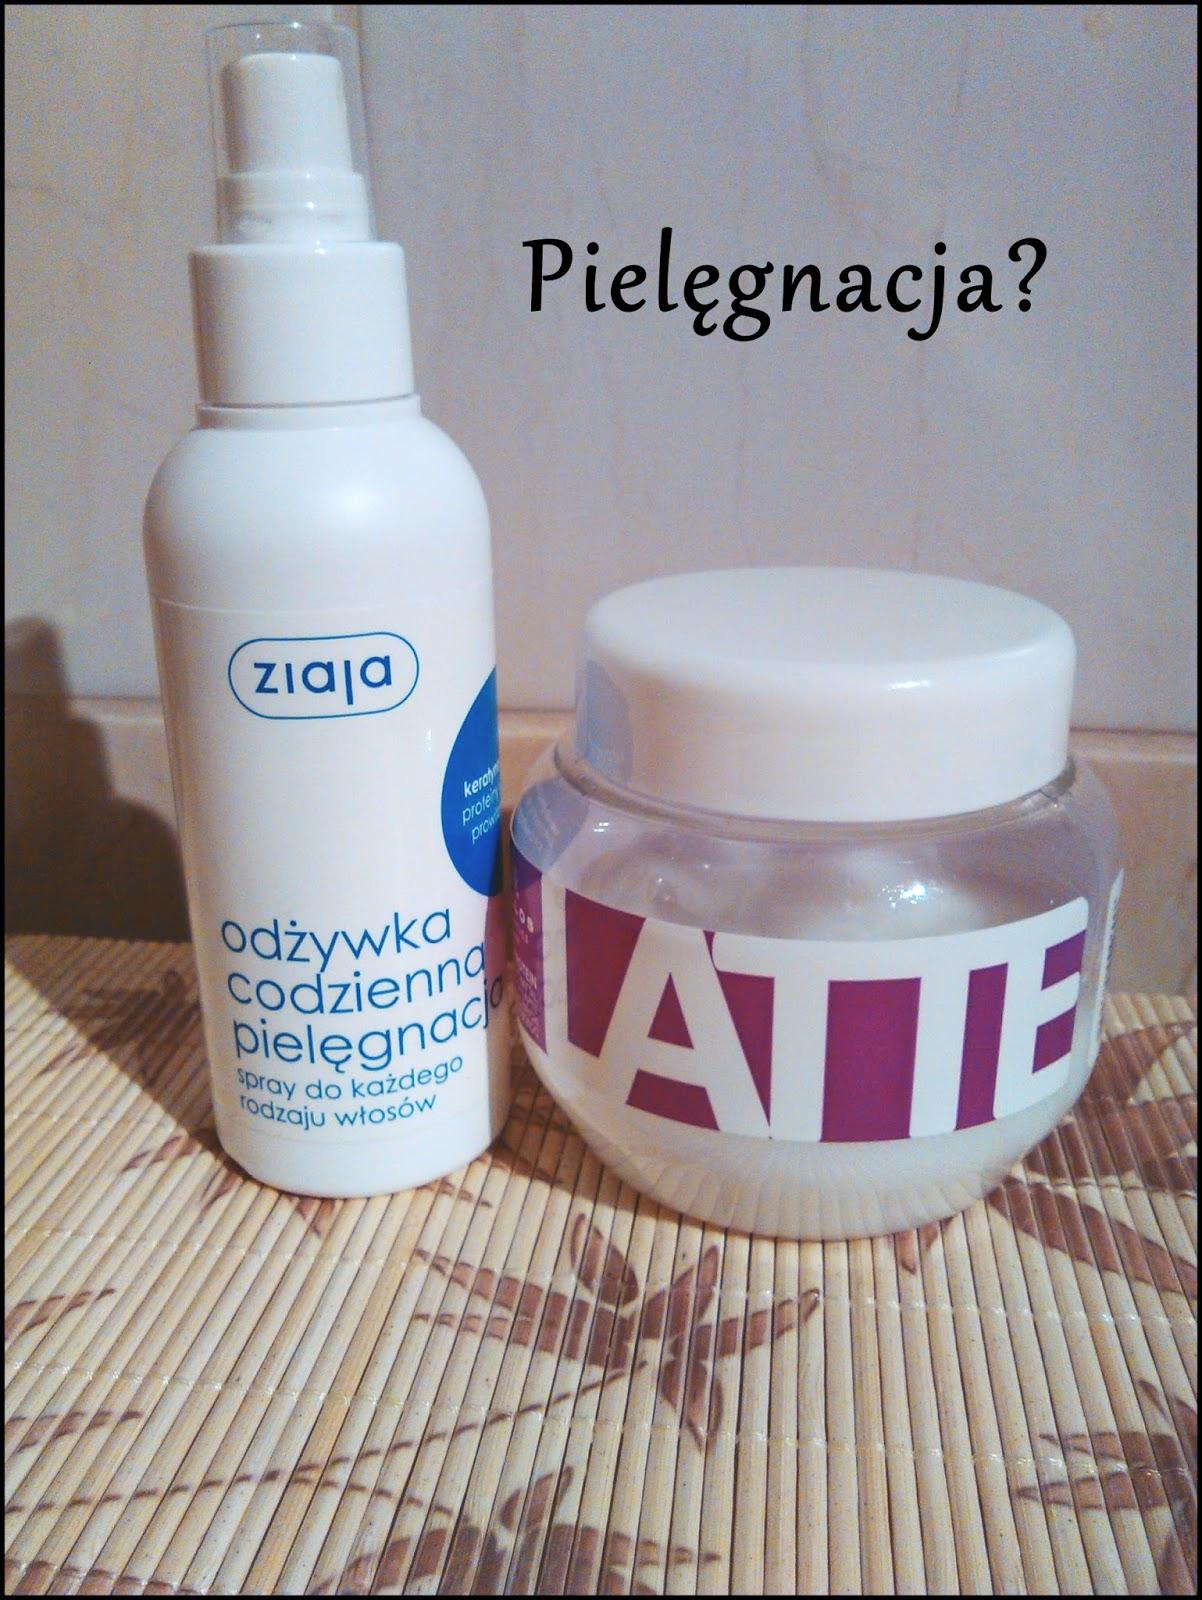 Ziaja odżywka w sprayu i Kallos Latte/recenzja